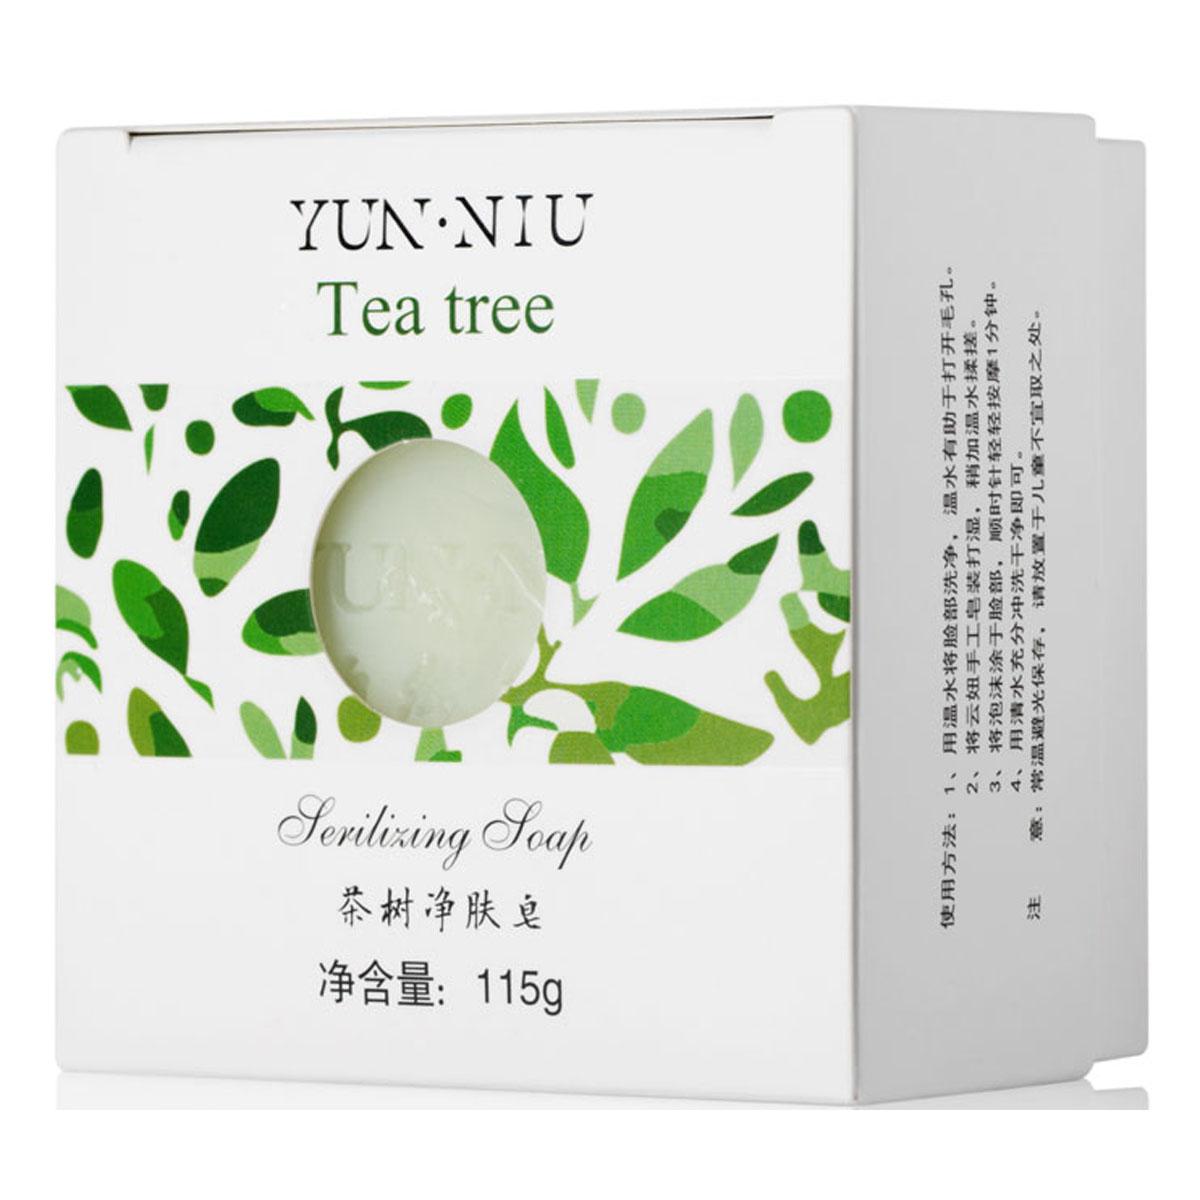 Yun-Niu Натуральное мыло с маслом чайного дерева, 115 гр220643Ежедневный уход за проблемной и воспаленной кожей. Благодаря бактерицидным и антисептическим свойства чайного дерева это мыло убивает болезнетворные бактерии и микробы без вреда для кожи. Мыло с экстрактом чайного дерева YUN-NIU (юн-ню, юнню) предназначено для ежедневного ухода за проблемной и воспаленной кожей.В состав мыла входит экстракт и масло чайного дерева, которое обладает следующими свойствами: бактерицидными, противогрибковыми, антисептическими, противовоспалительными, аромотерапическими.